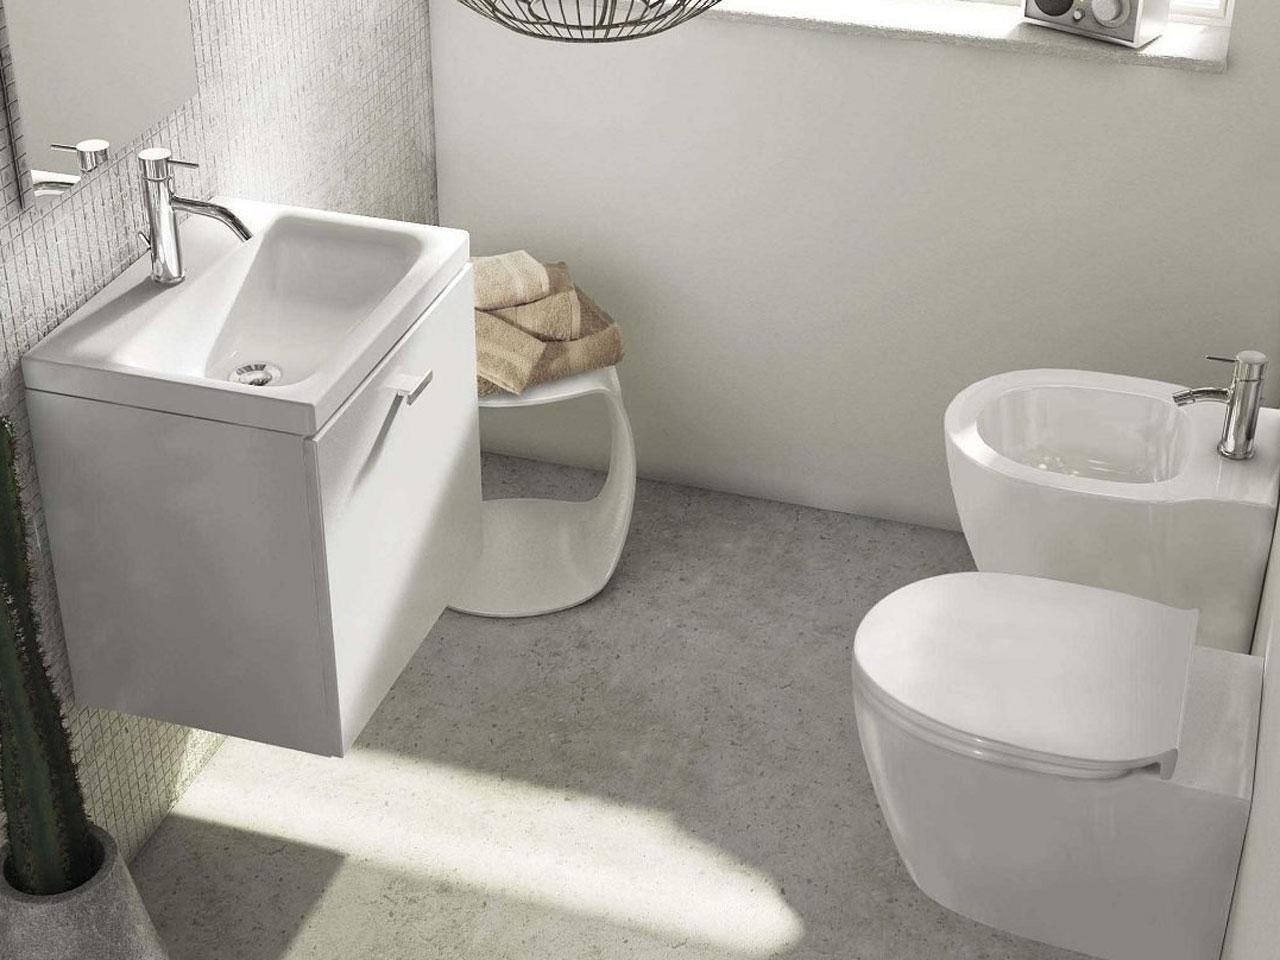 Bagnoidea prodotti e tendenze per arredare il bagno for Idee bagno piccolo